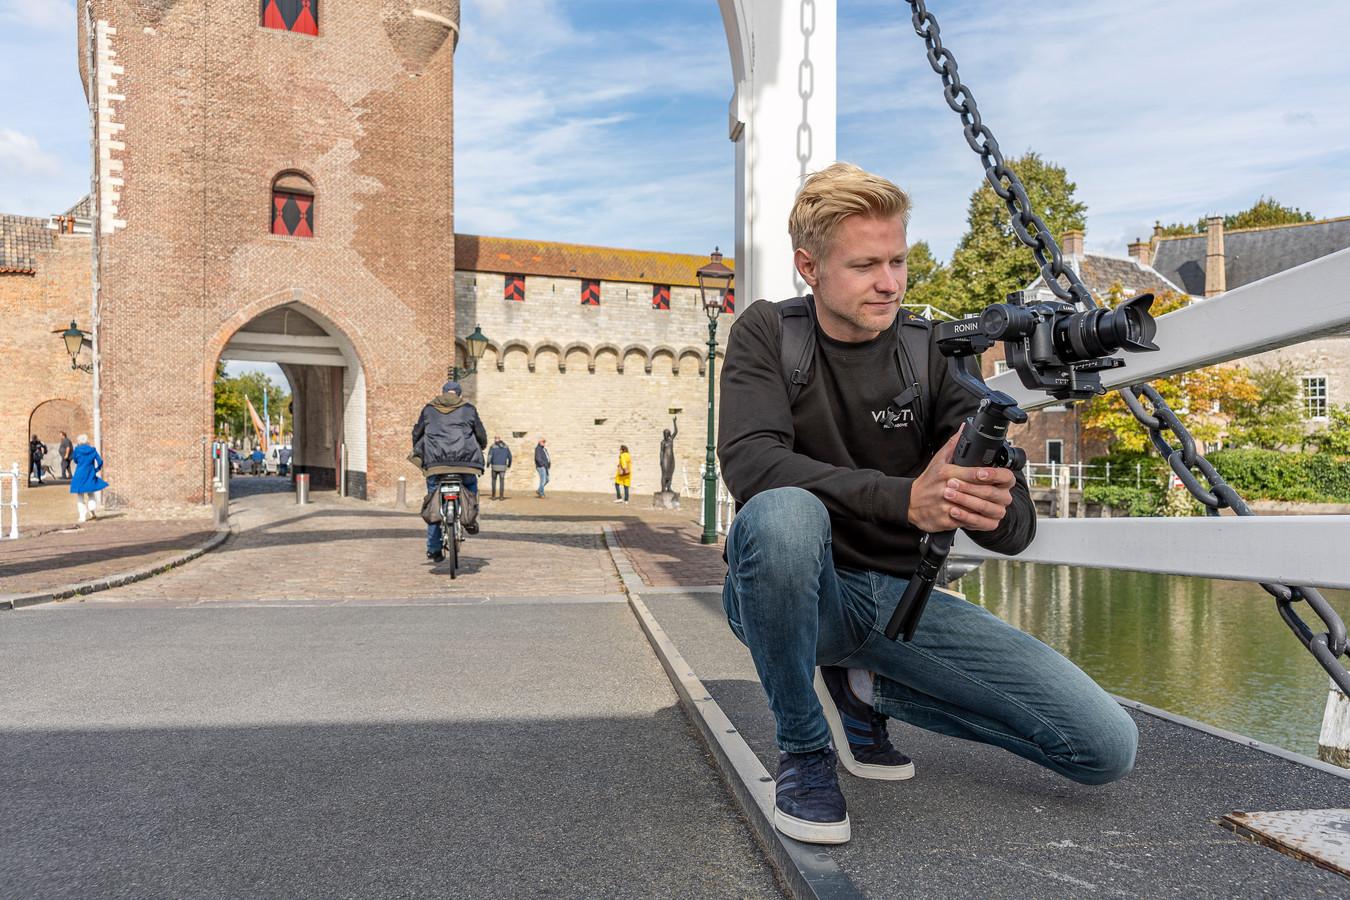 Na de middelbare school was het voor Niek van de Zande even zoeken, maar nu is hij echt op zijn plek als videograaf.